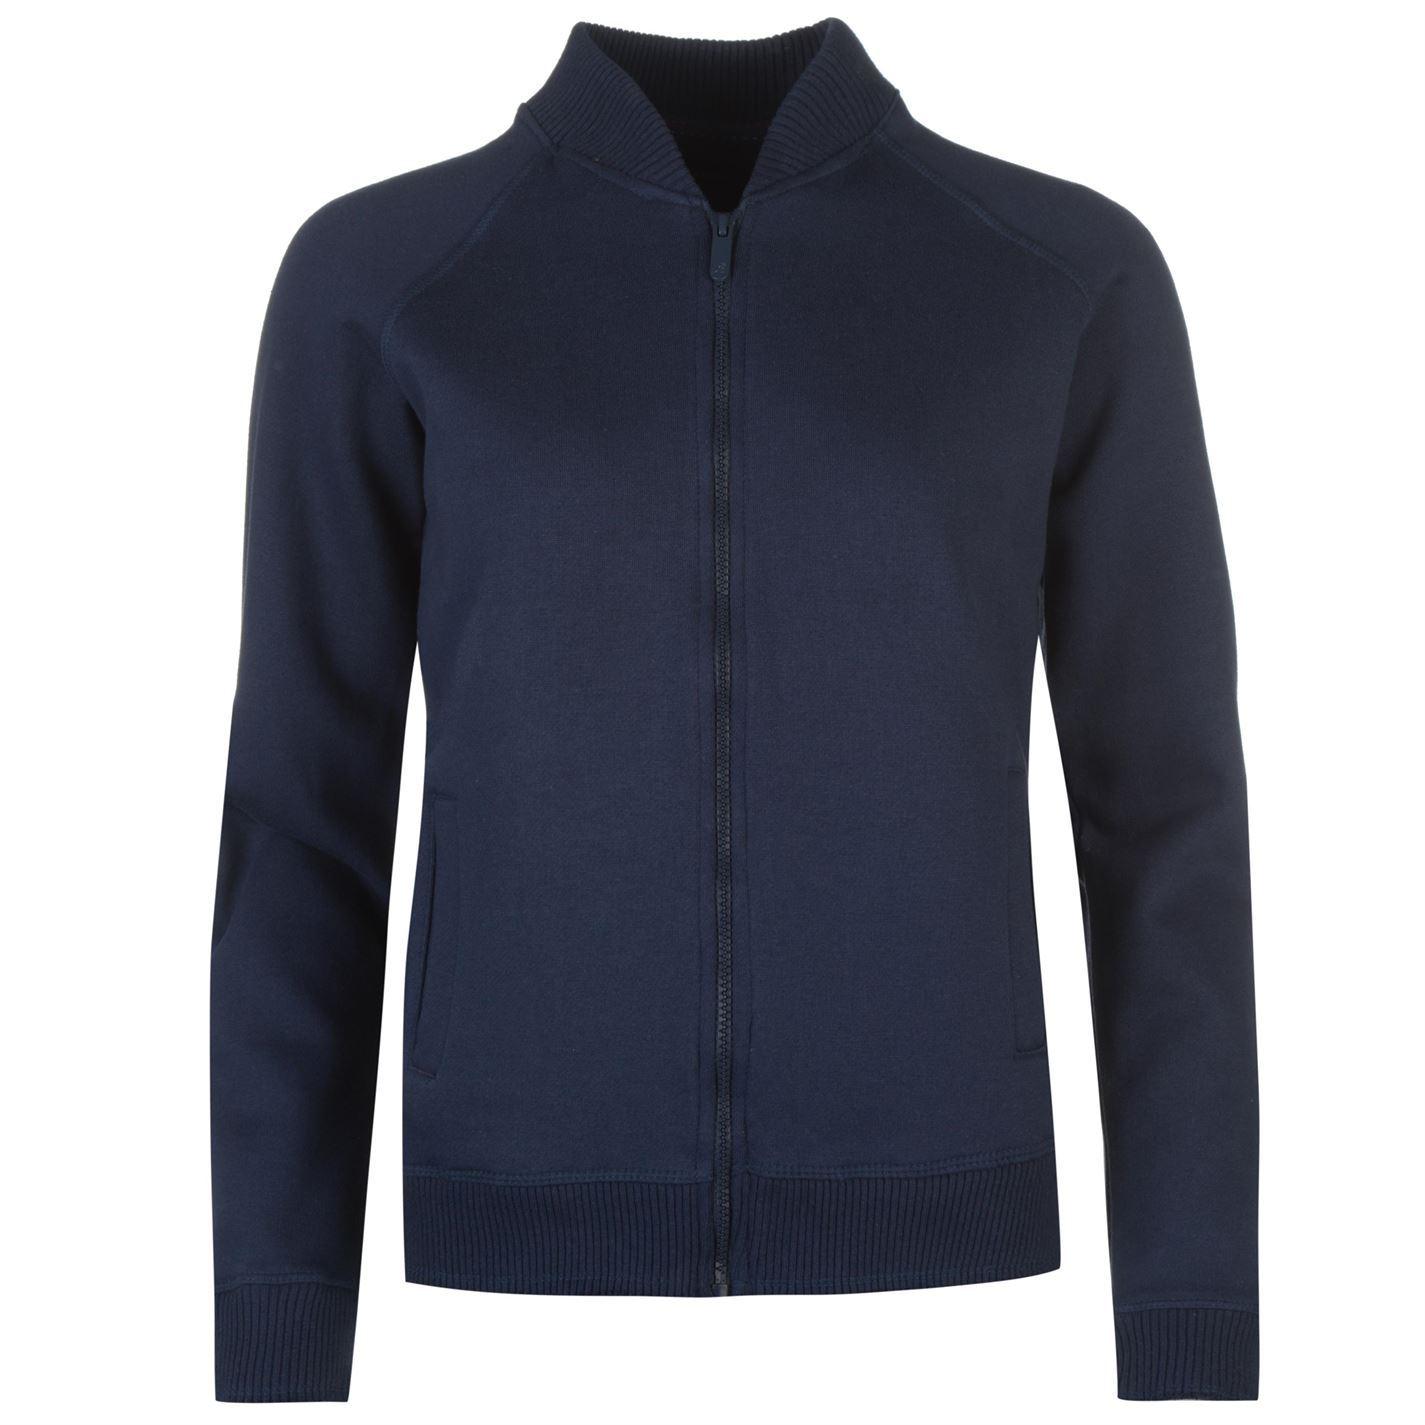 Details about Kangol Womens Fleece Bomber Sweatshirt Full Zip Sweater Tee  Top Jumper a81b7b386